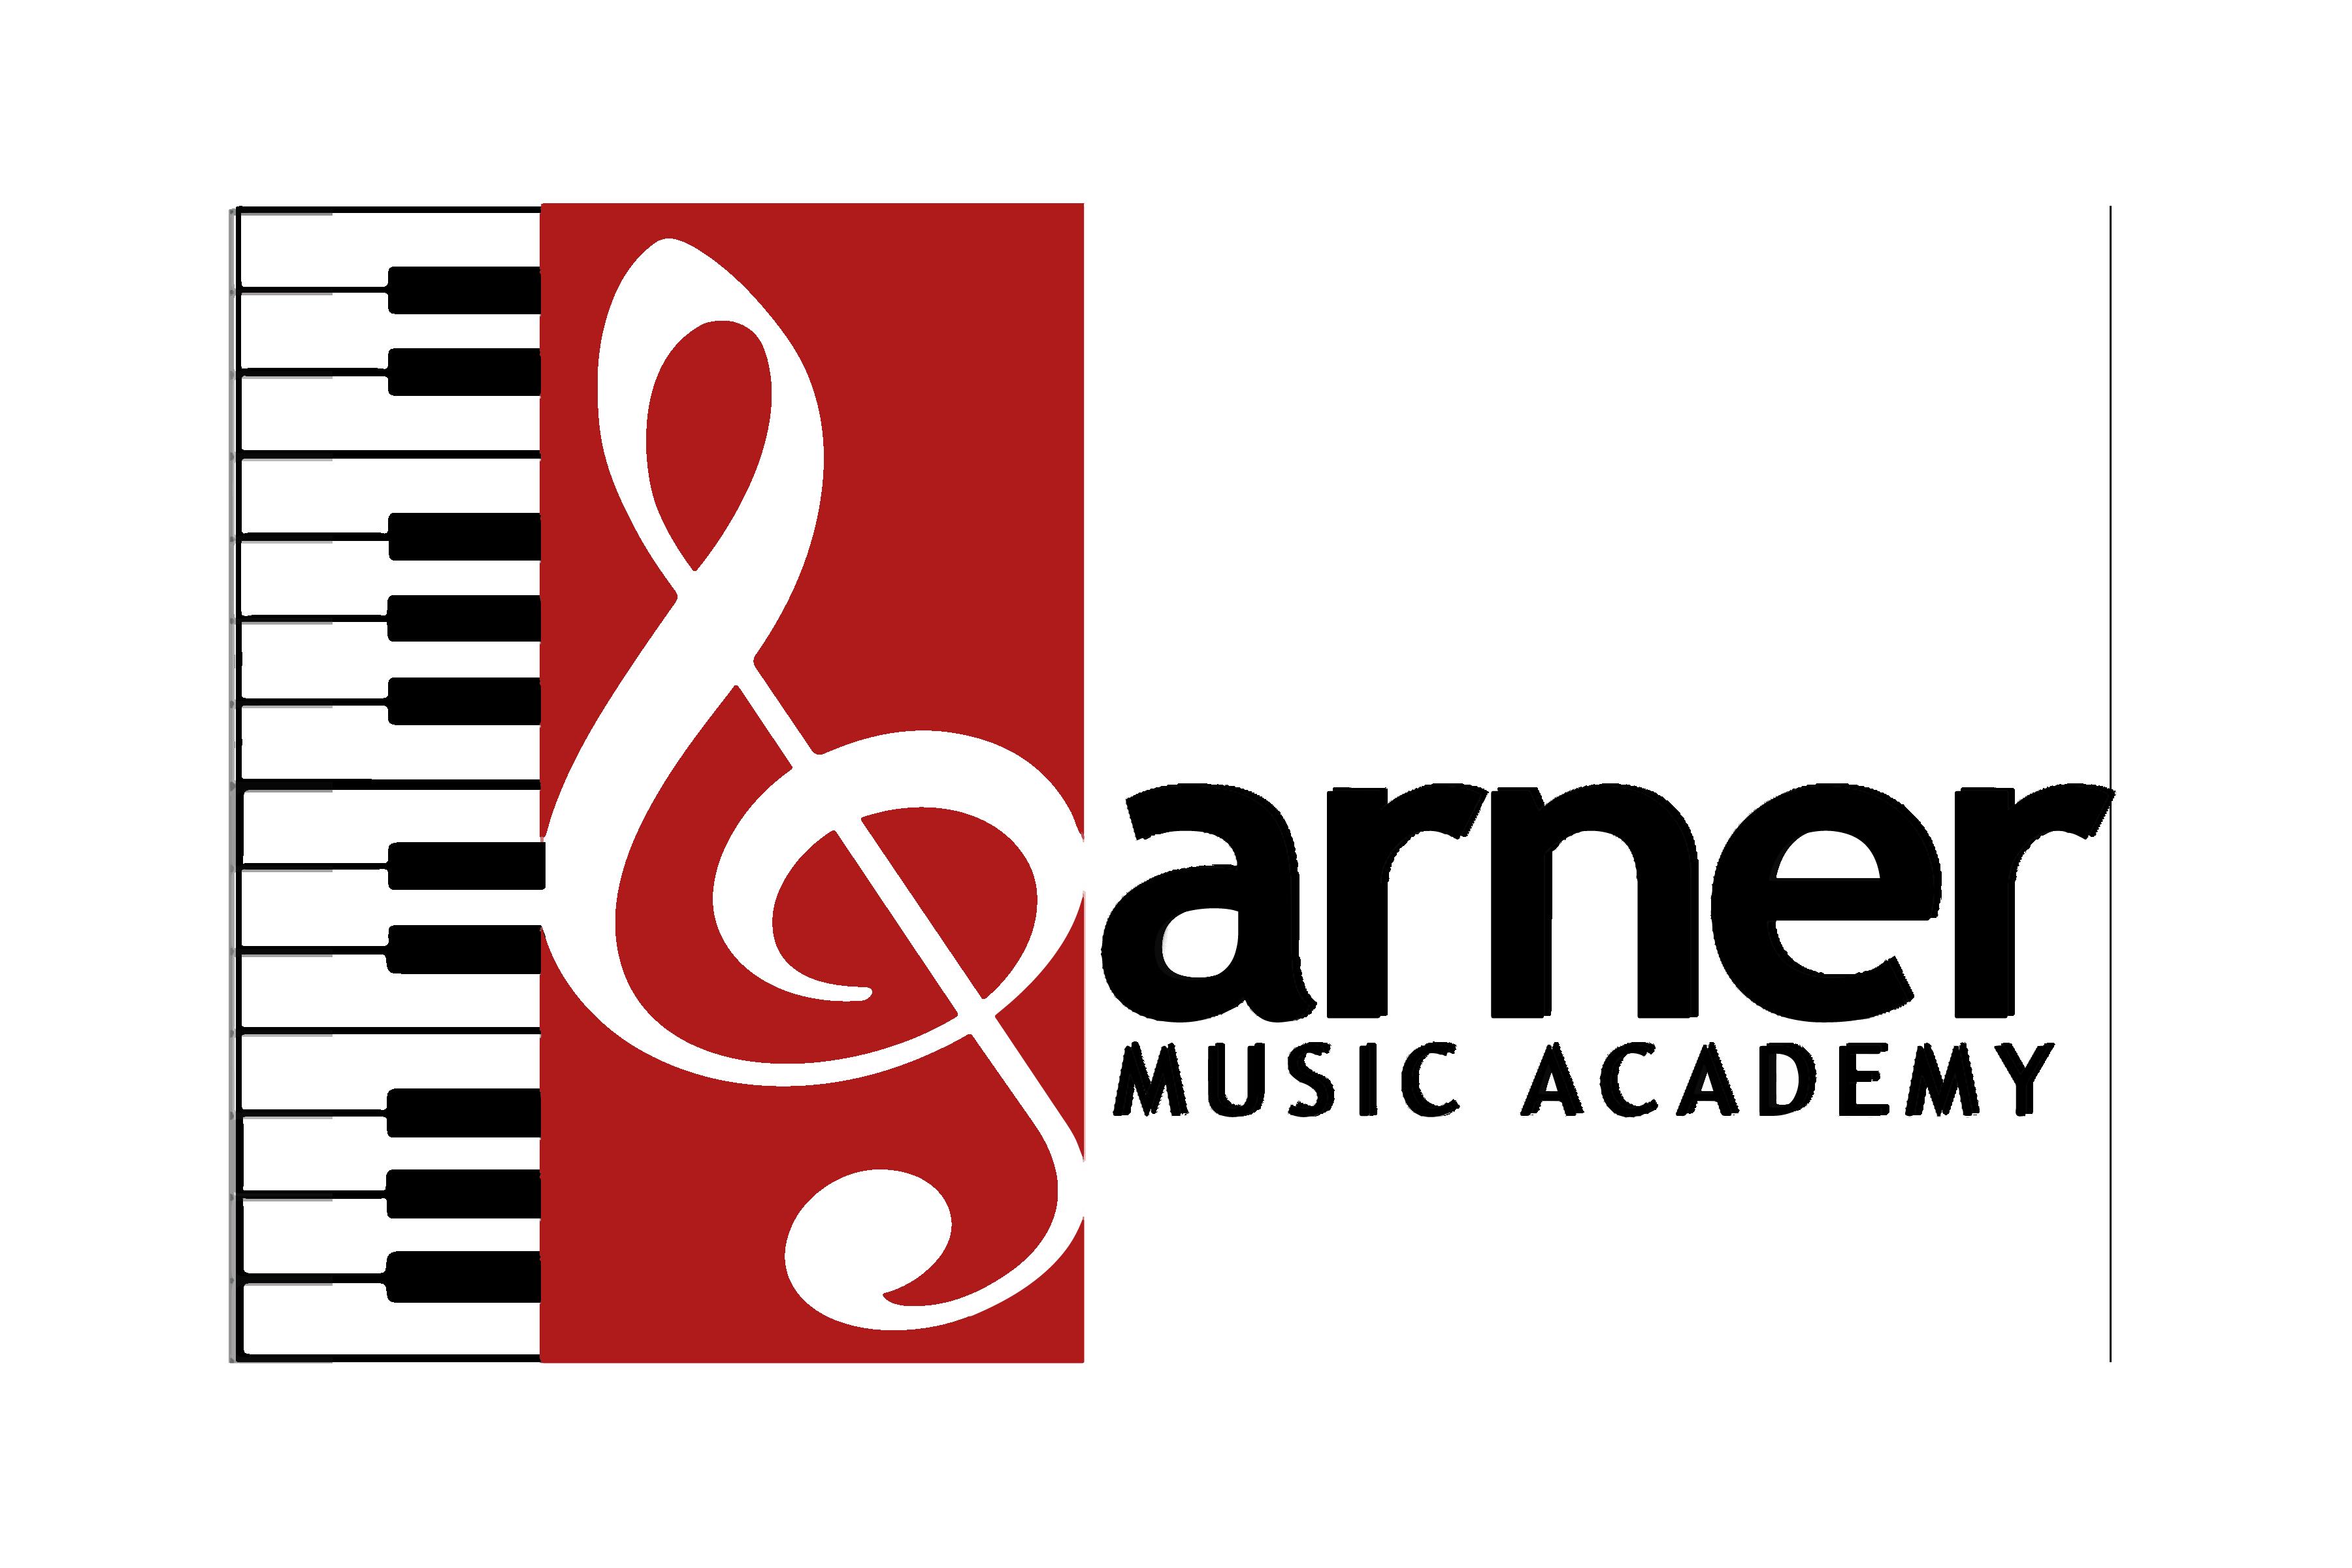 Garner Music Academy